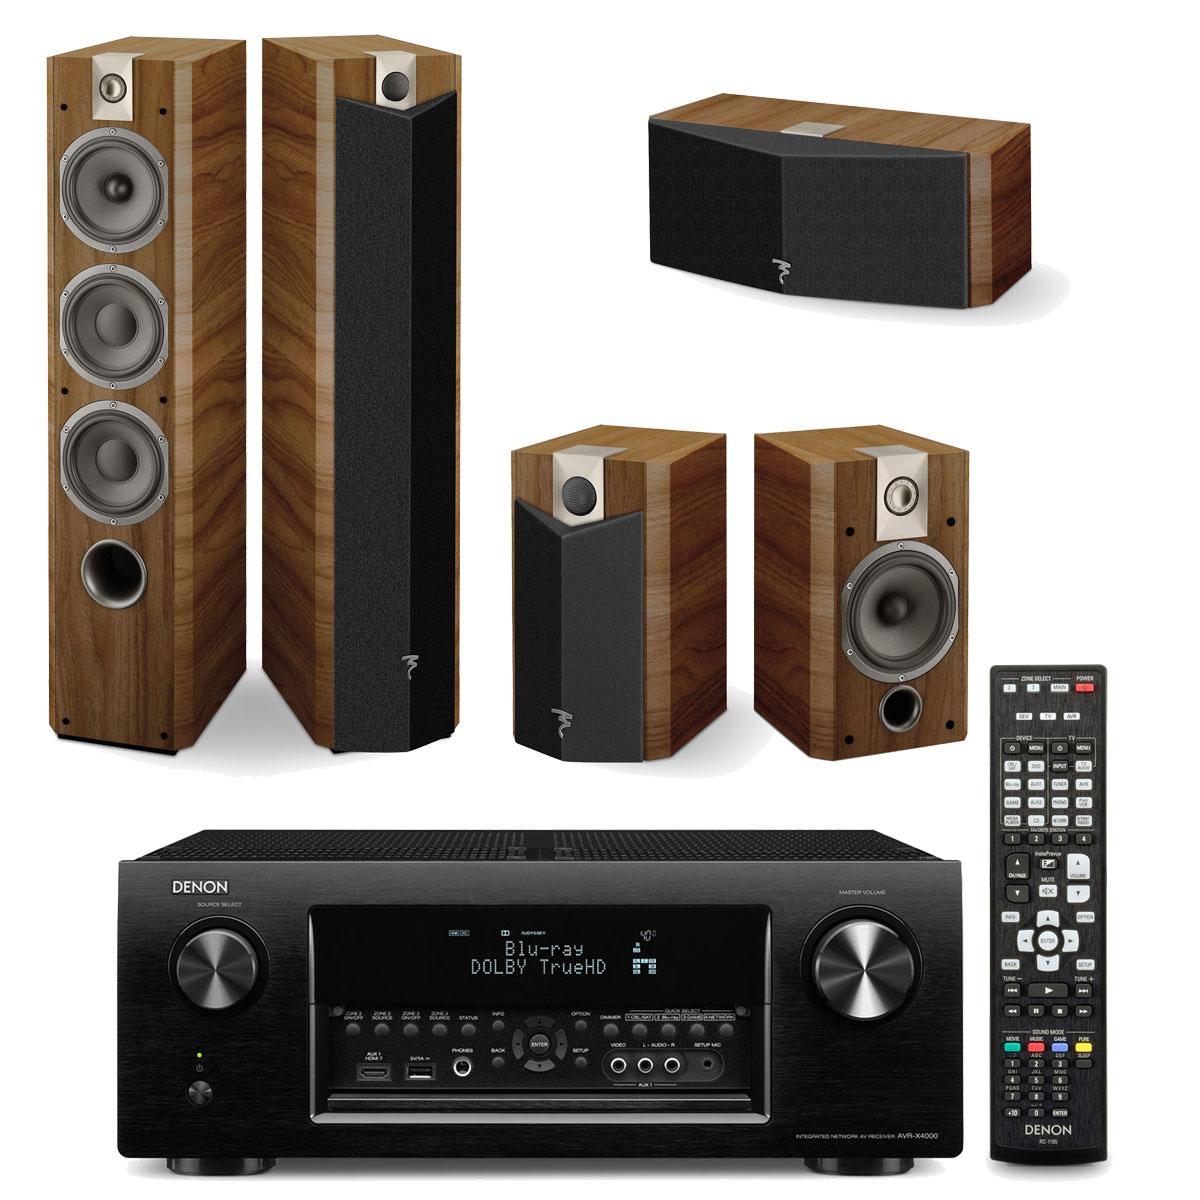 denon avr x4000 noir focal chorus 726 v cigar focal chorus 705 v cigar focal chorus cc 700. Black Bedroom Furniture Sets. Home Design Ideas